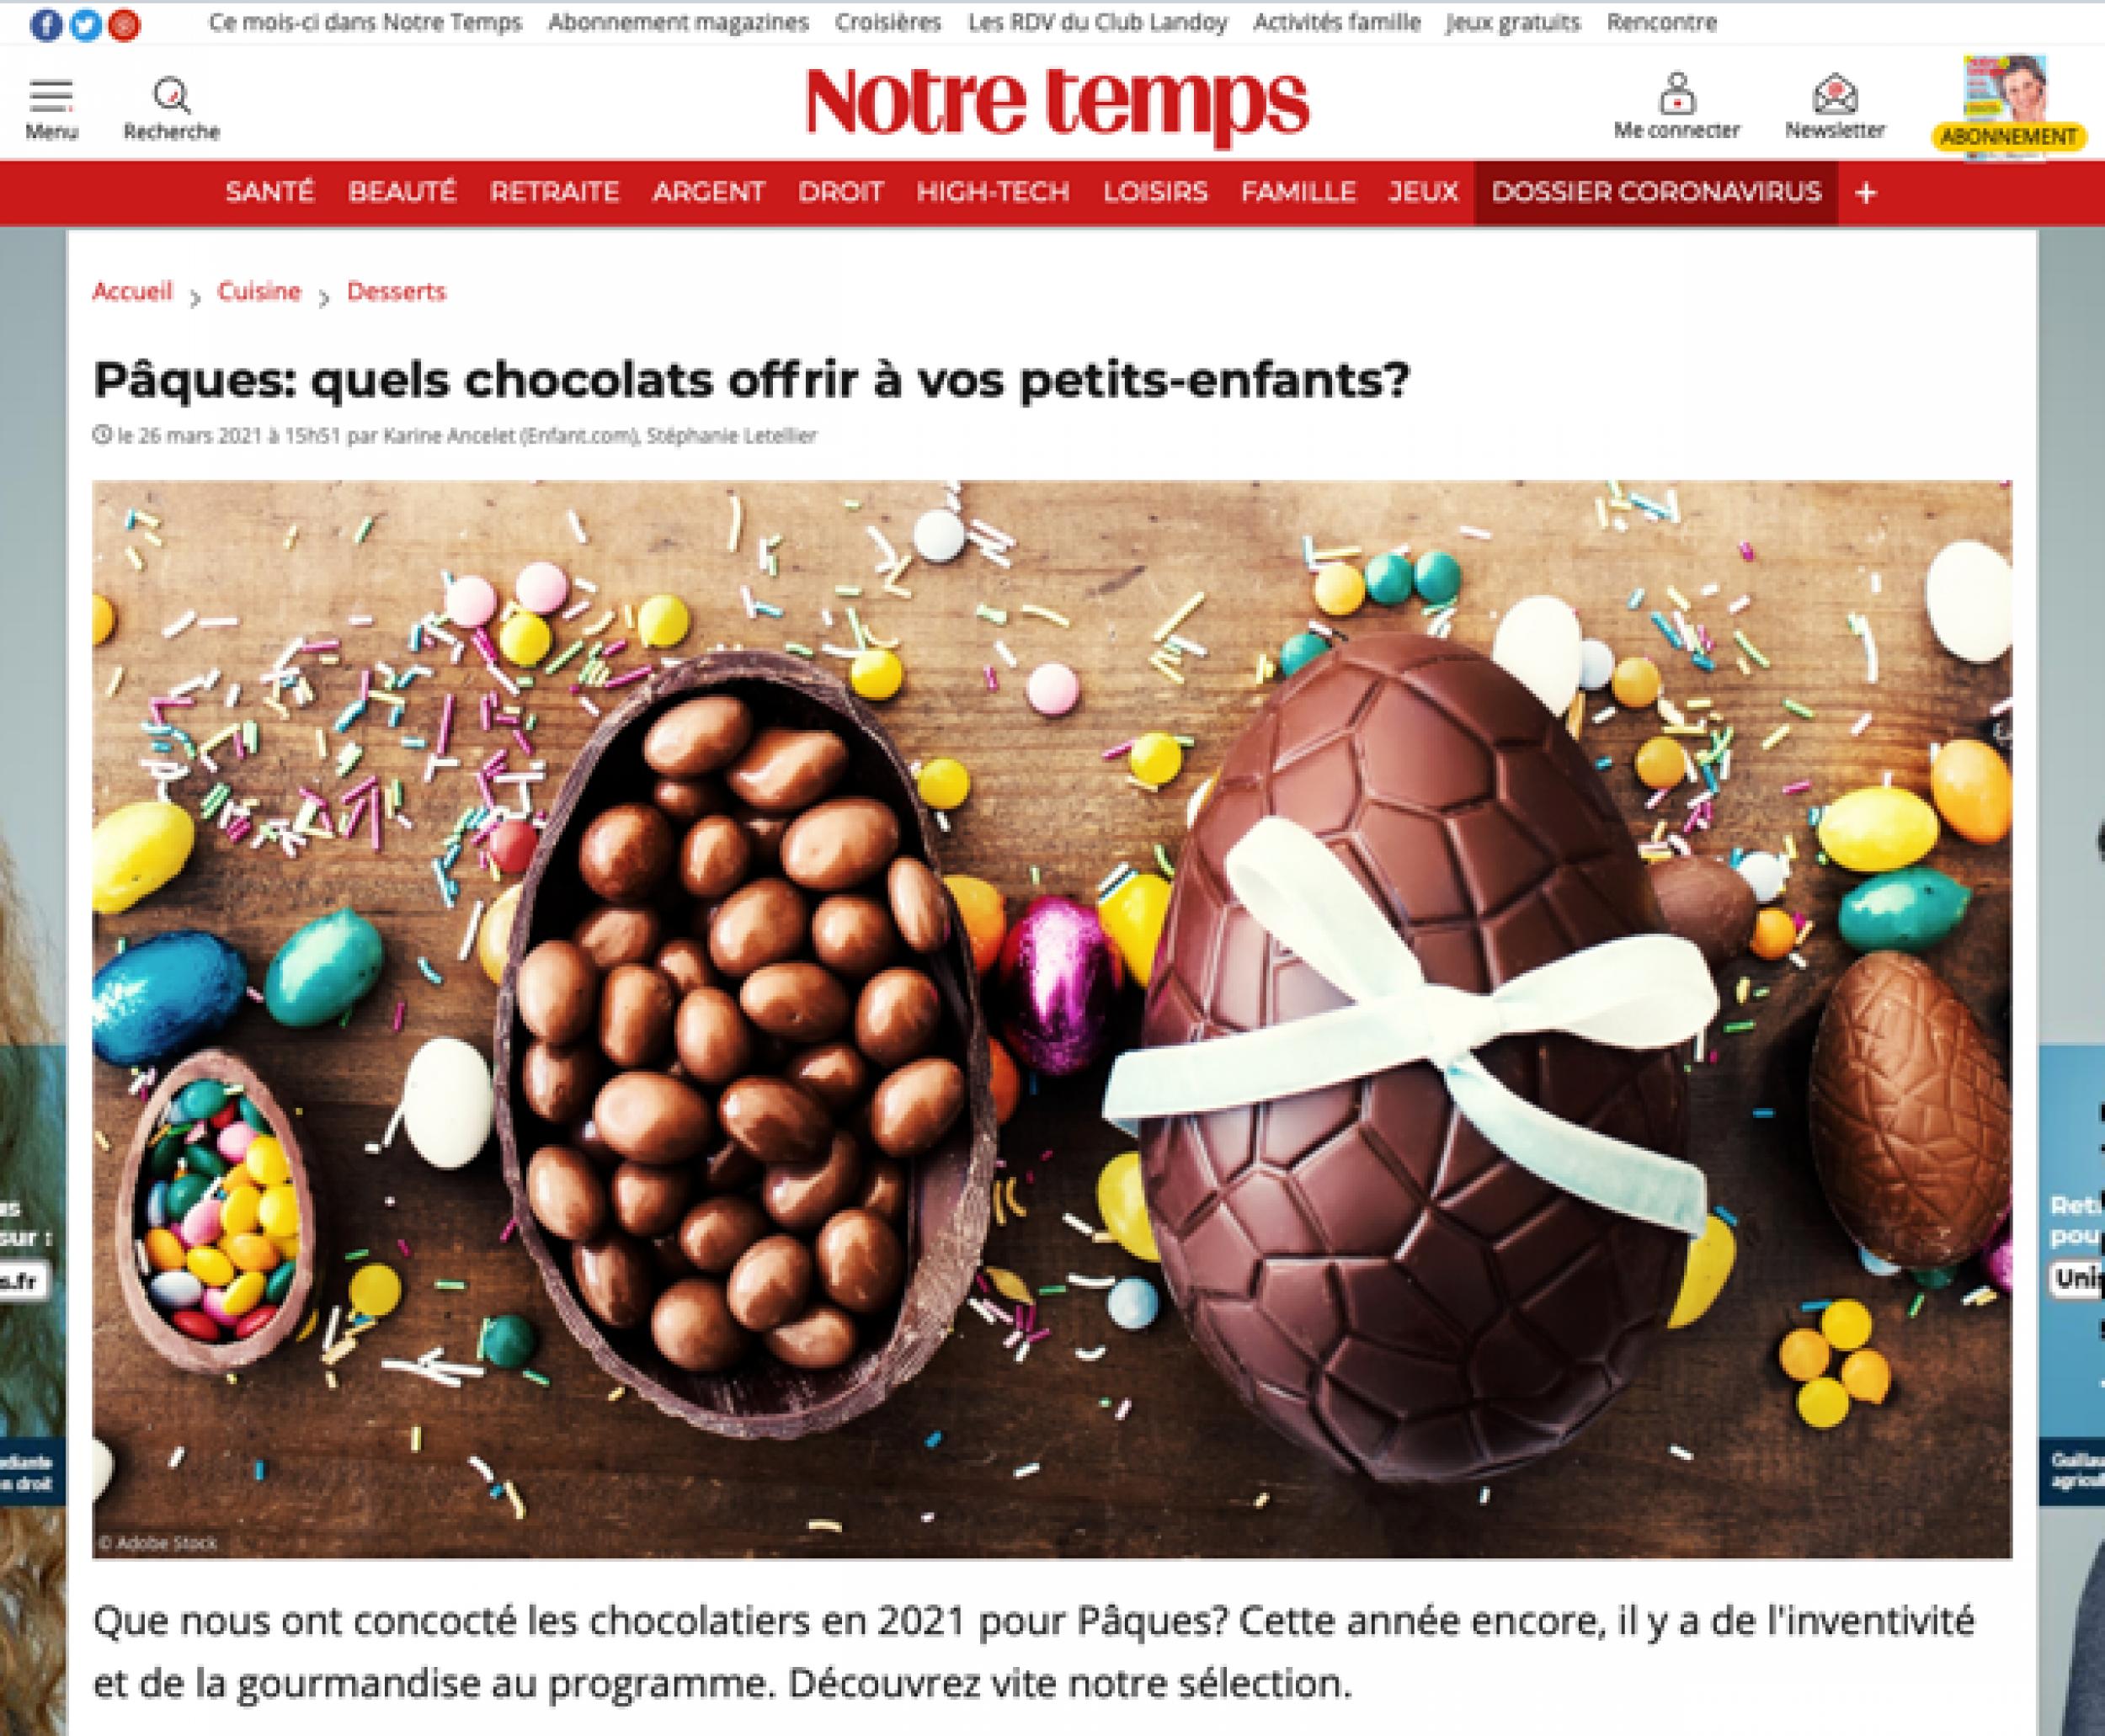 Pâques. quels chocolats offrir à vos petits-enfants